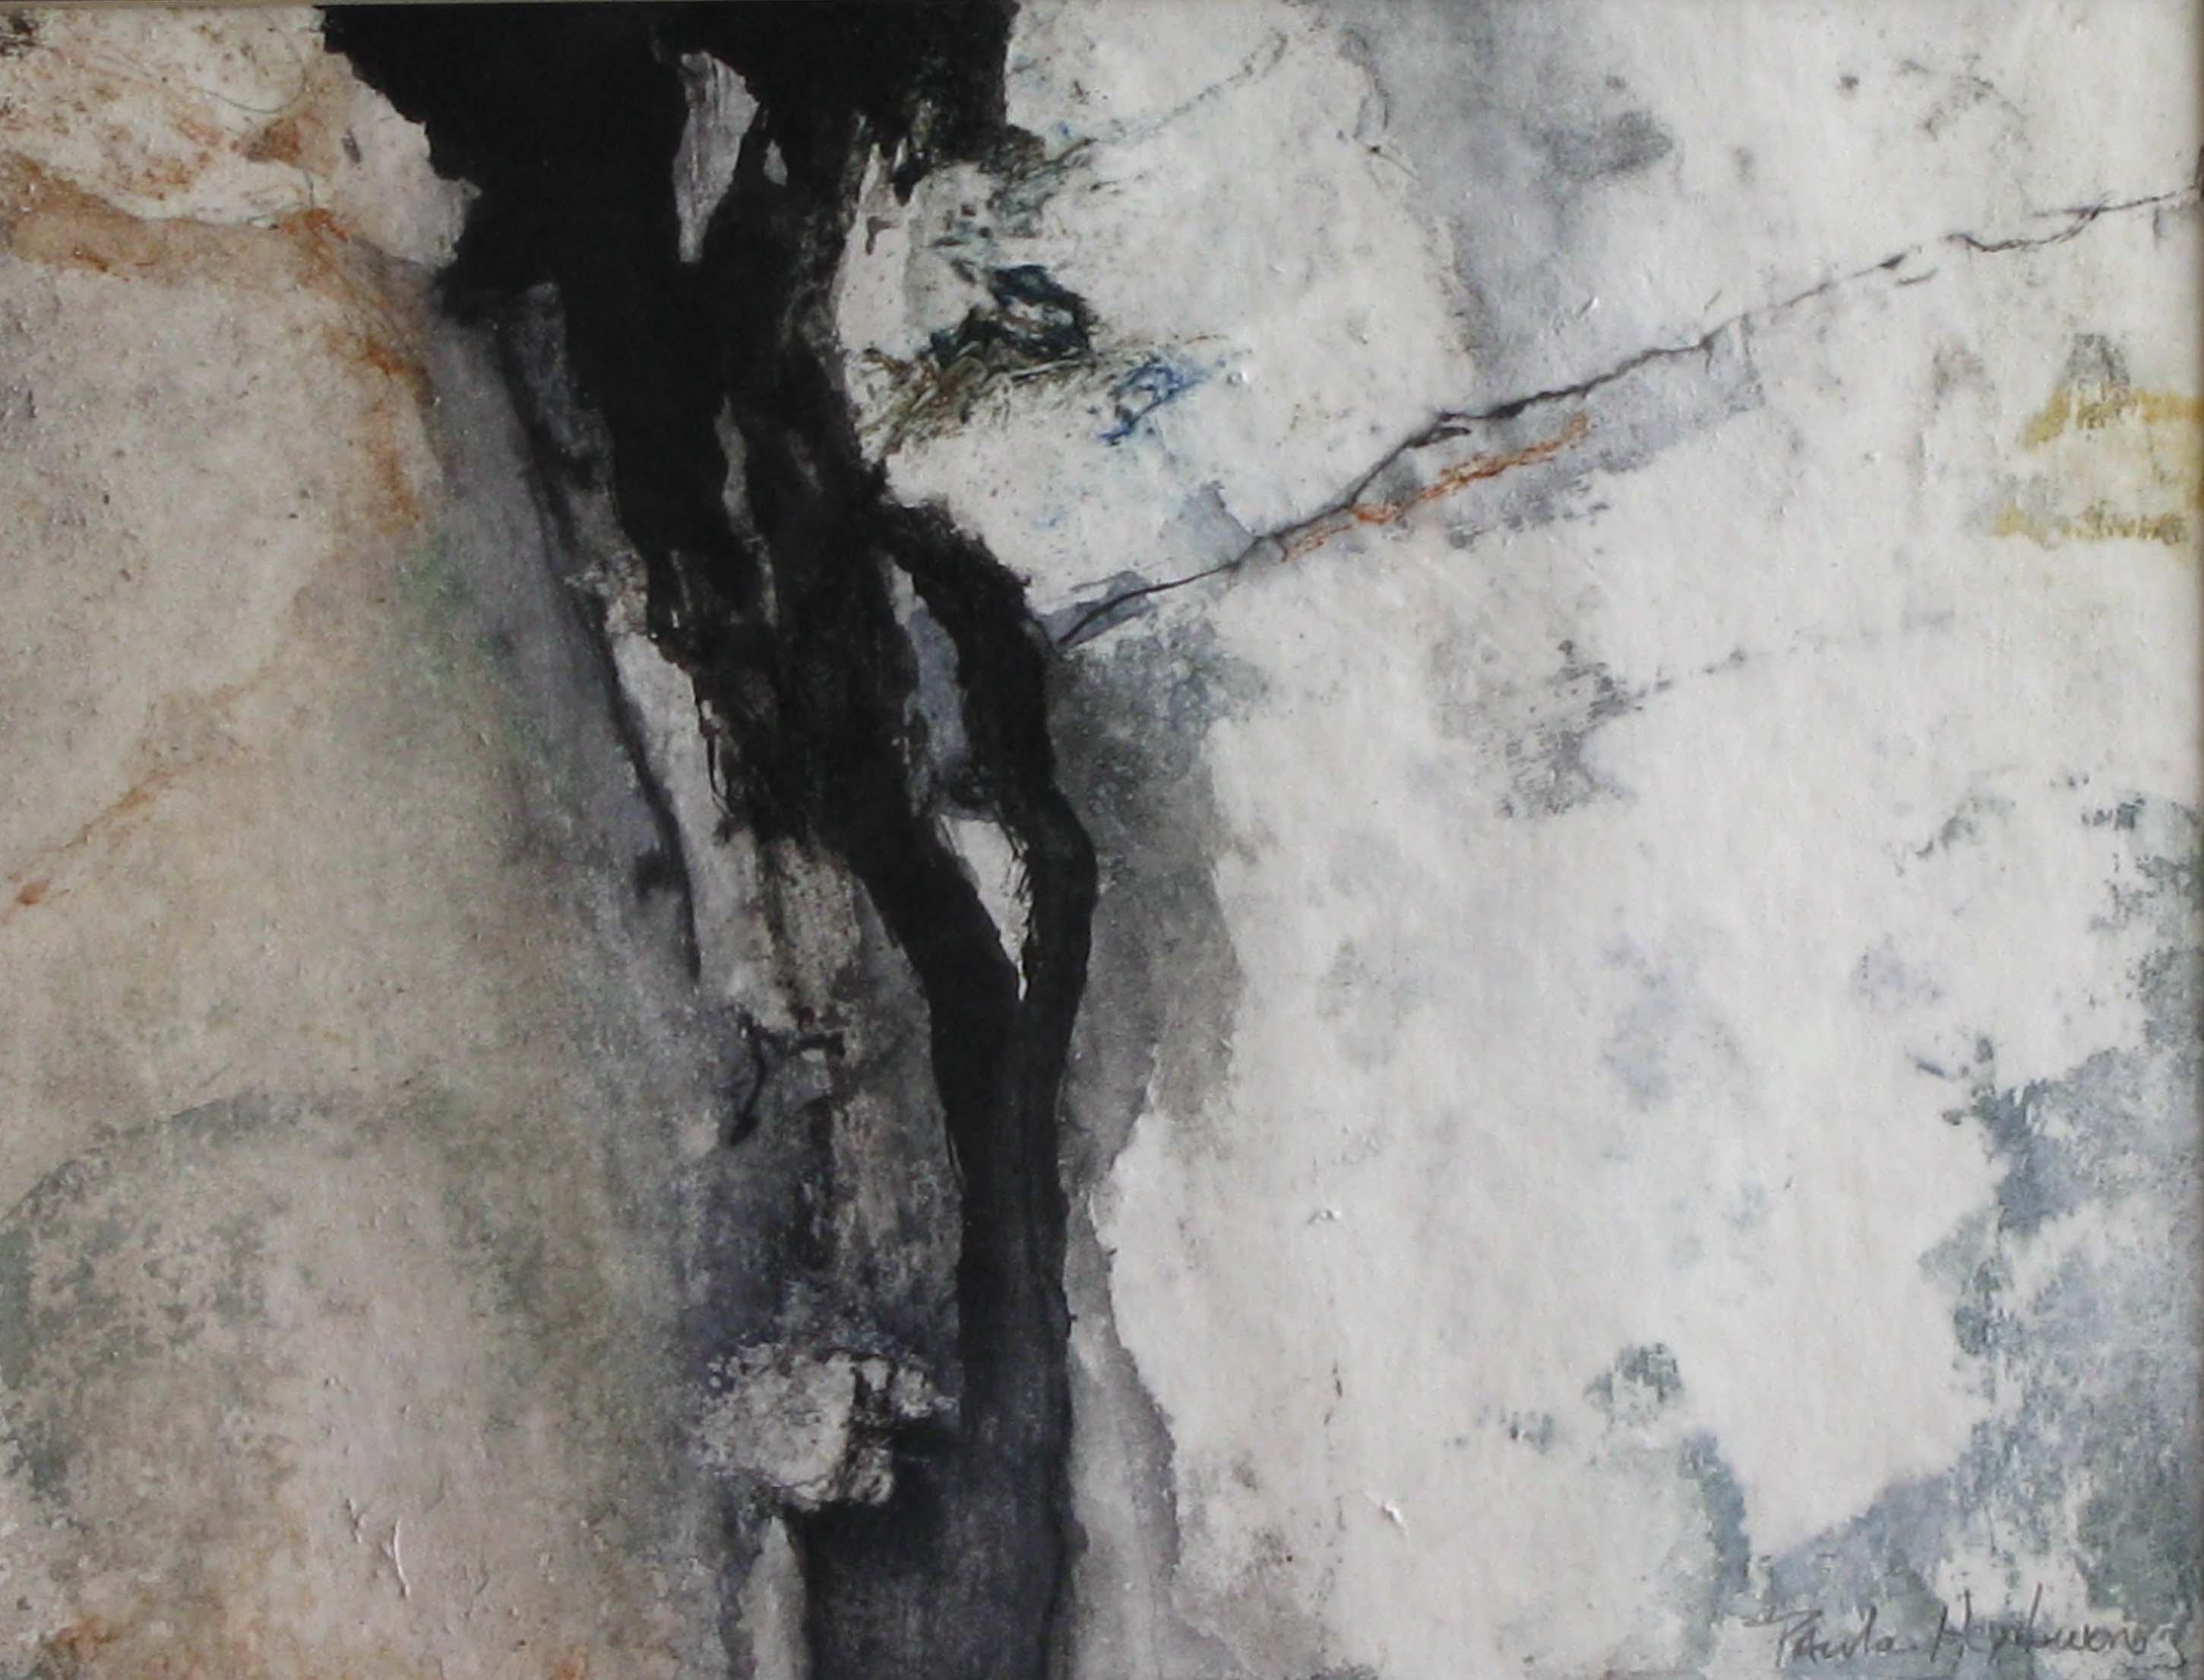 Crevice - Mixed Media